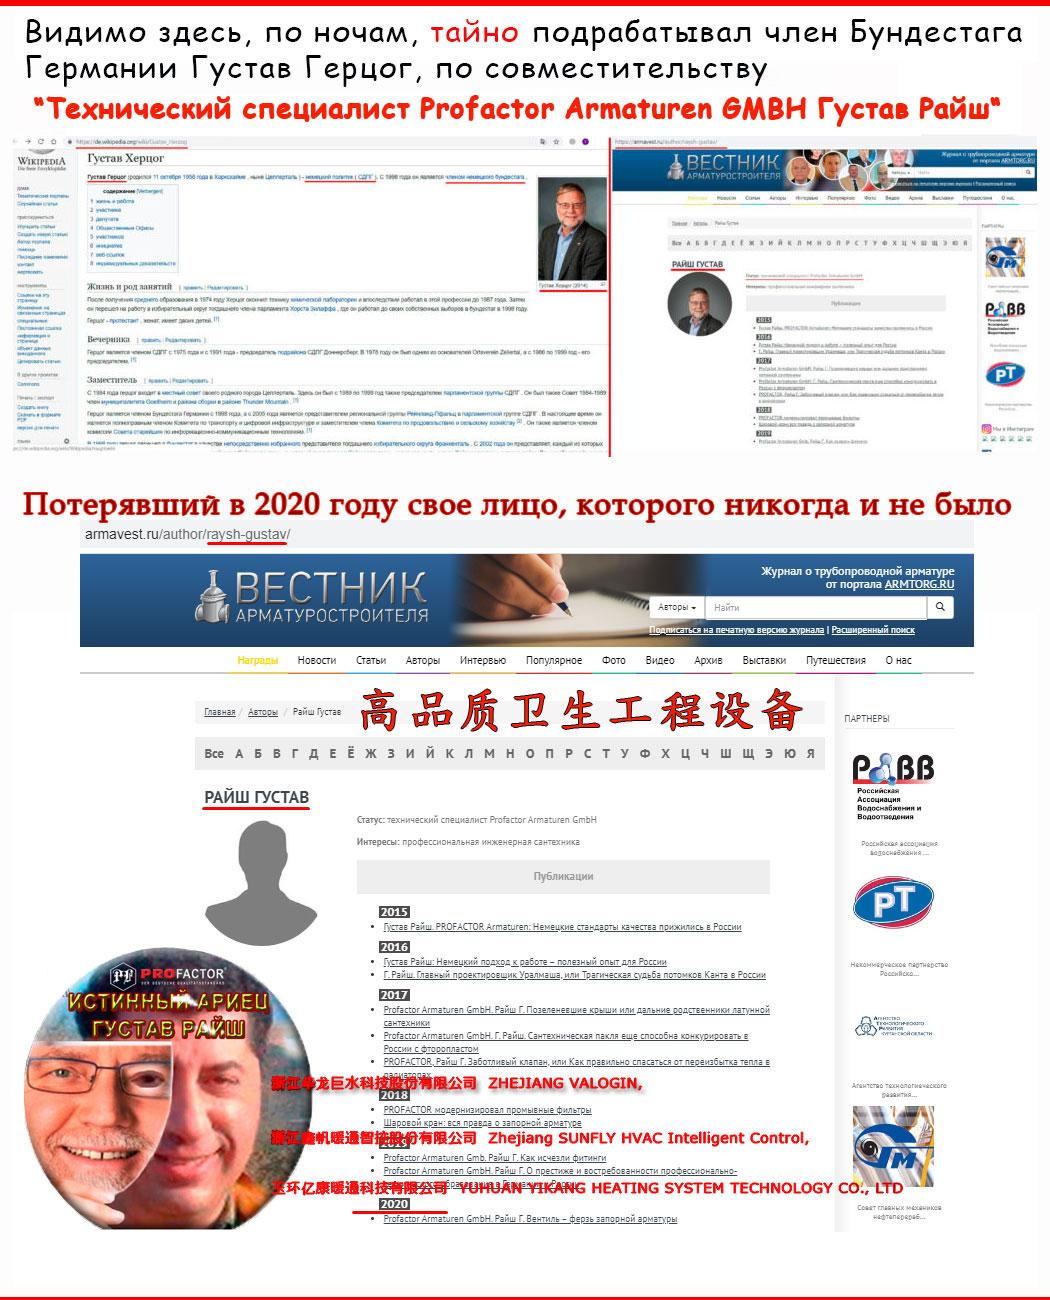 Профактор вестник арматуростроителя